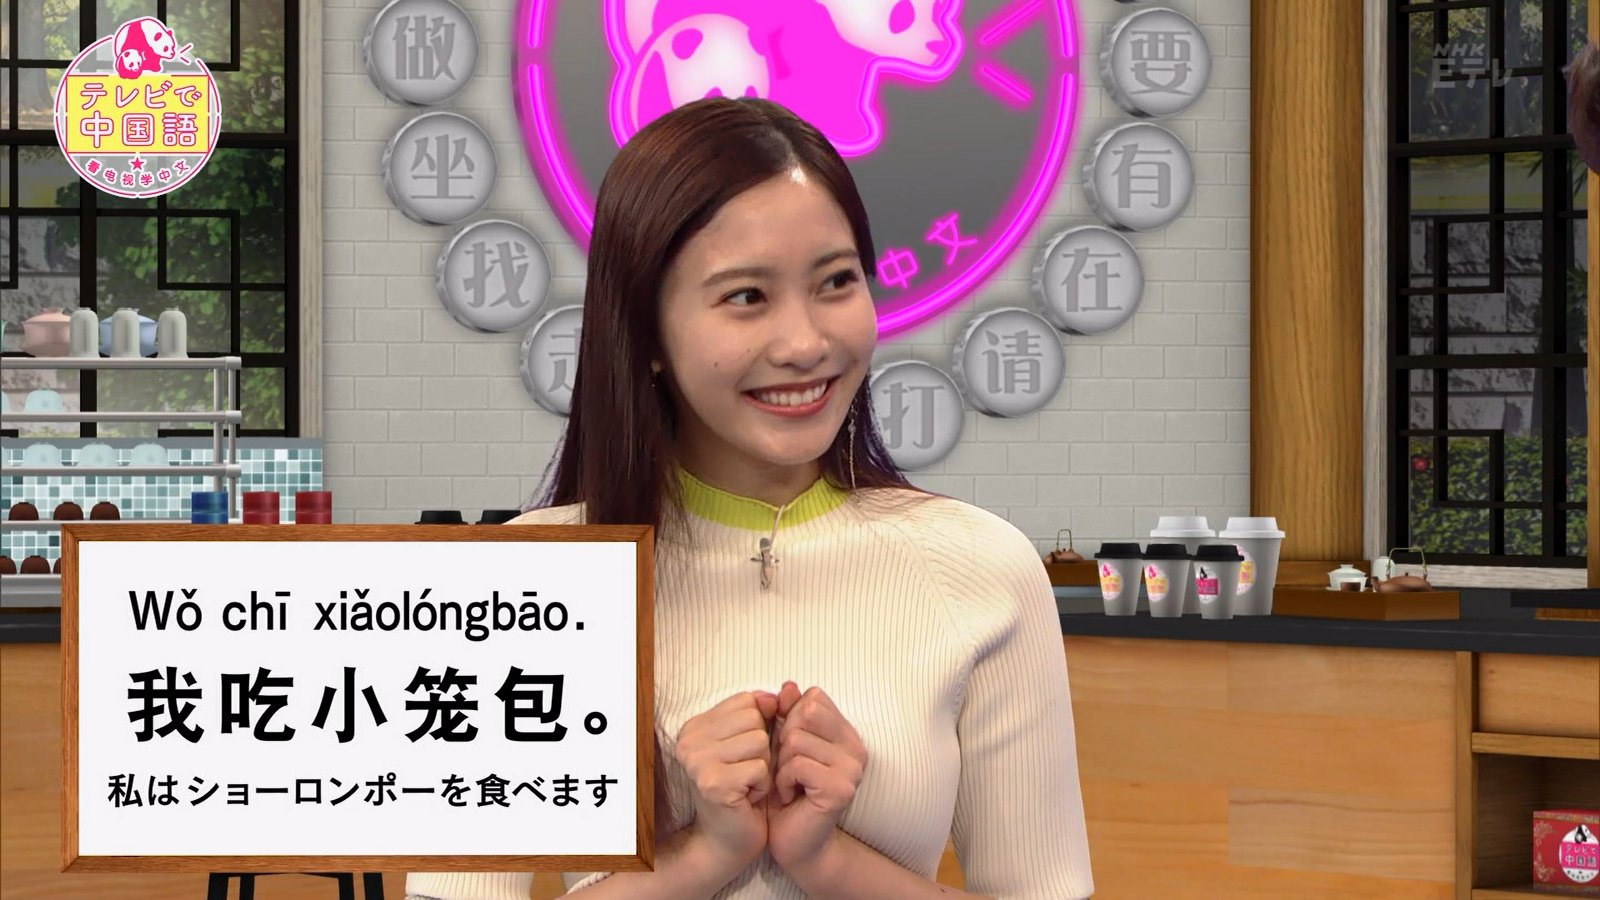 佐野ひなこ_ニット_おっぱい_テレビで中国語_04